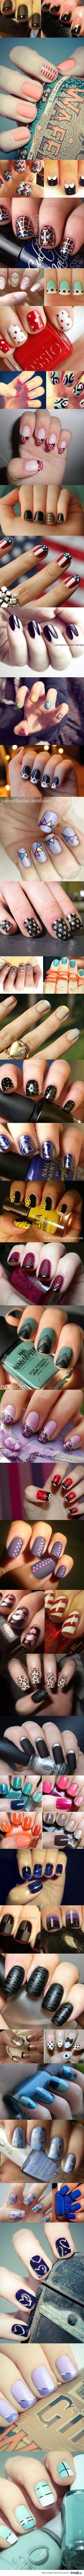 So Many Ideas - Finger Nail Art